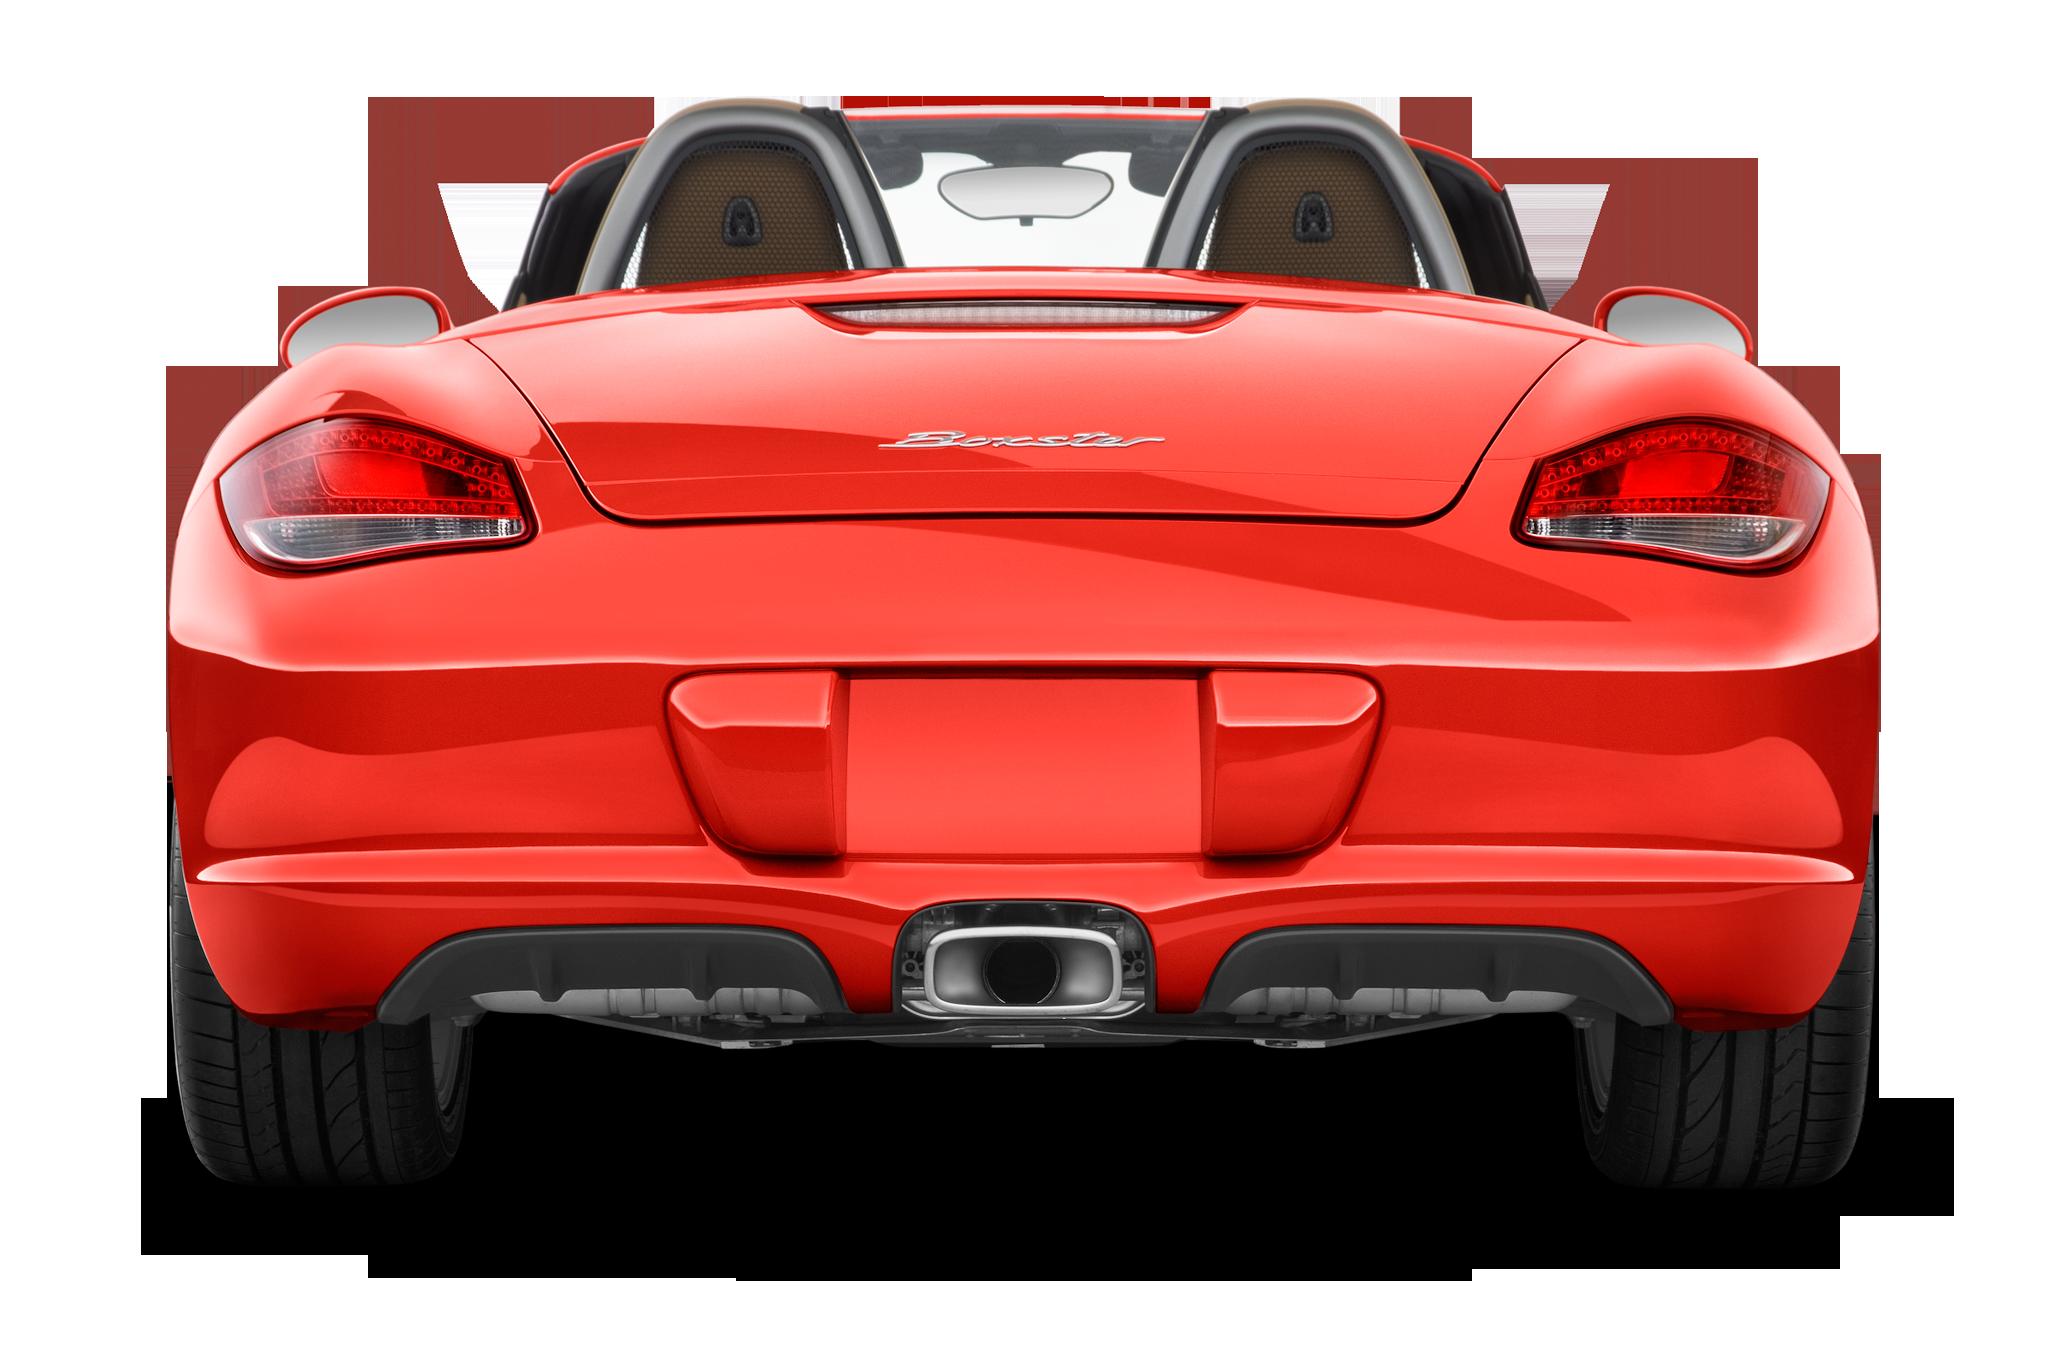 Spied Next Gen Porsche Boxster Testing In Ann Arbor Michigan